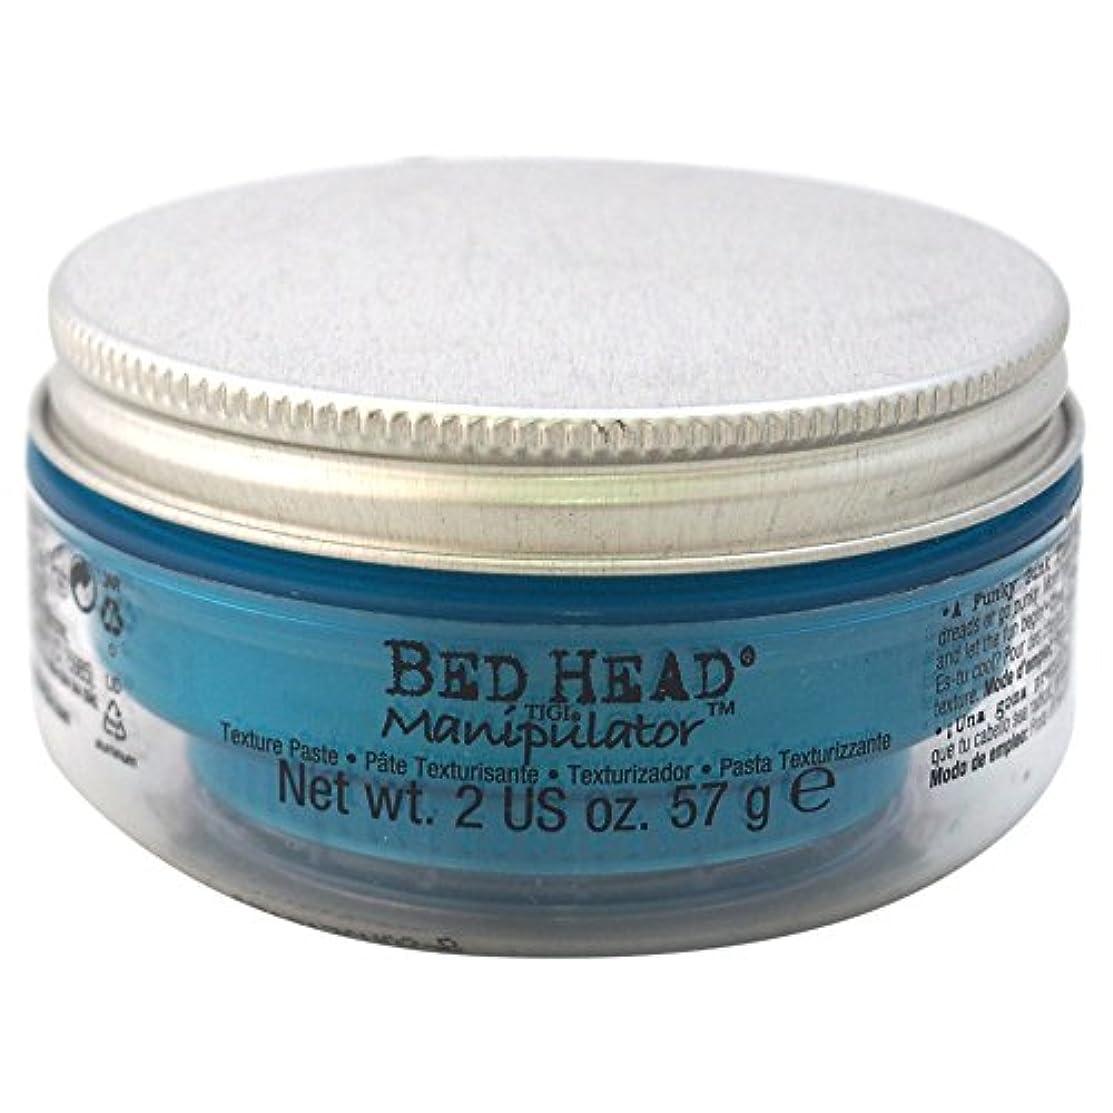 アーカイブ変更可能読書ティジー ベッドヘッドマニピュレーター テキシチヤ ペースト Tigi Bed Head Manipulator Texture Paste 57 ml [並行輸入品]